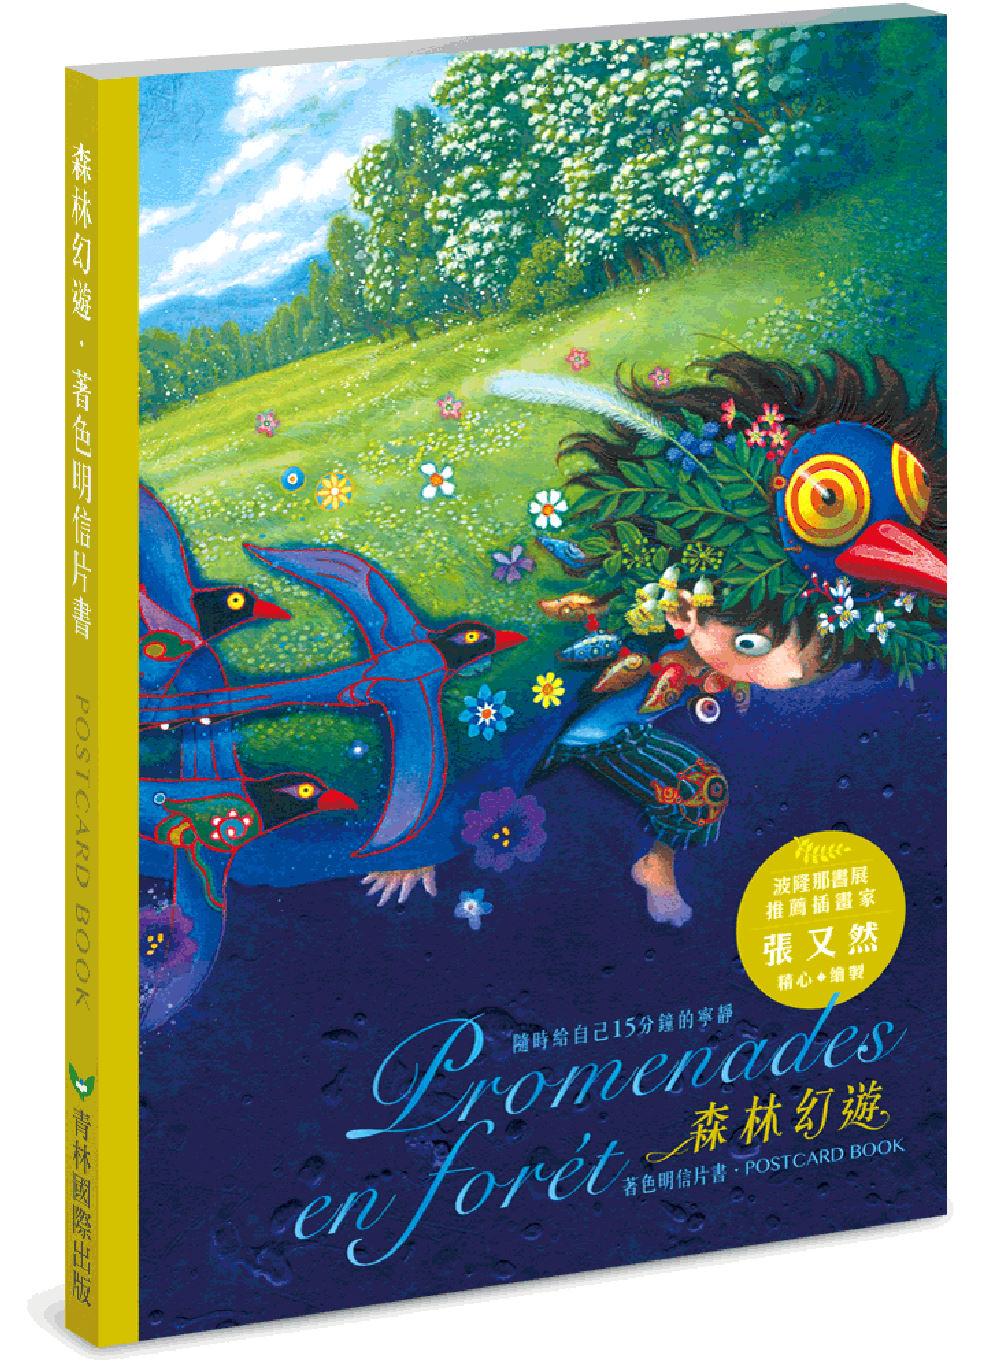 森林幻遊 Promenades en forêt 隨時給自己15分鐘的寧靜 明信片著色書